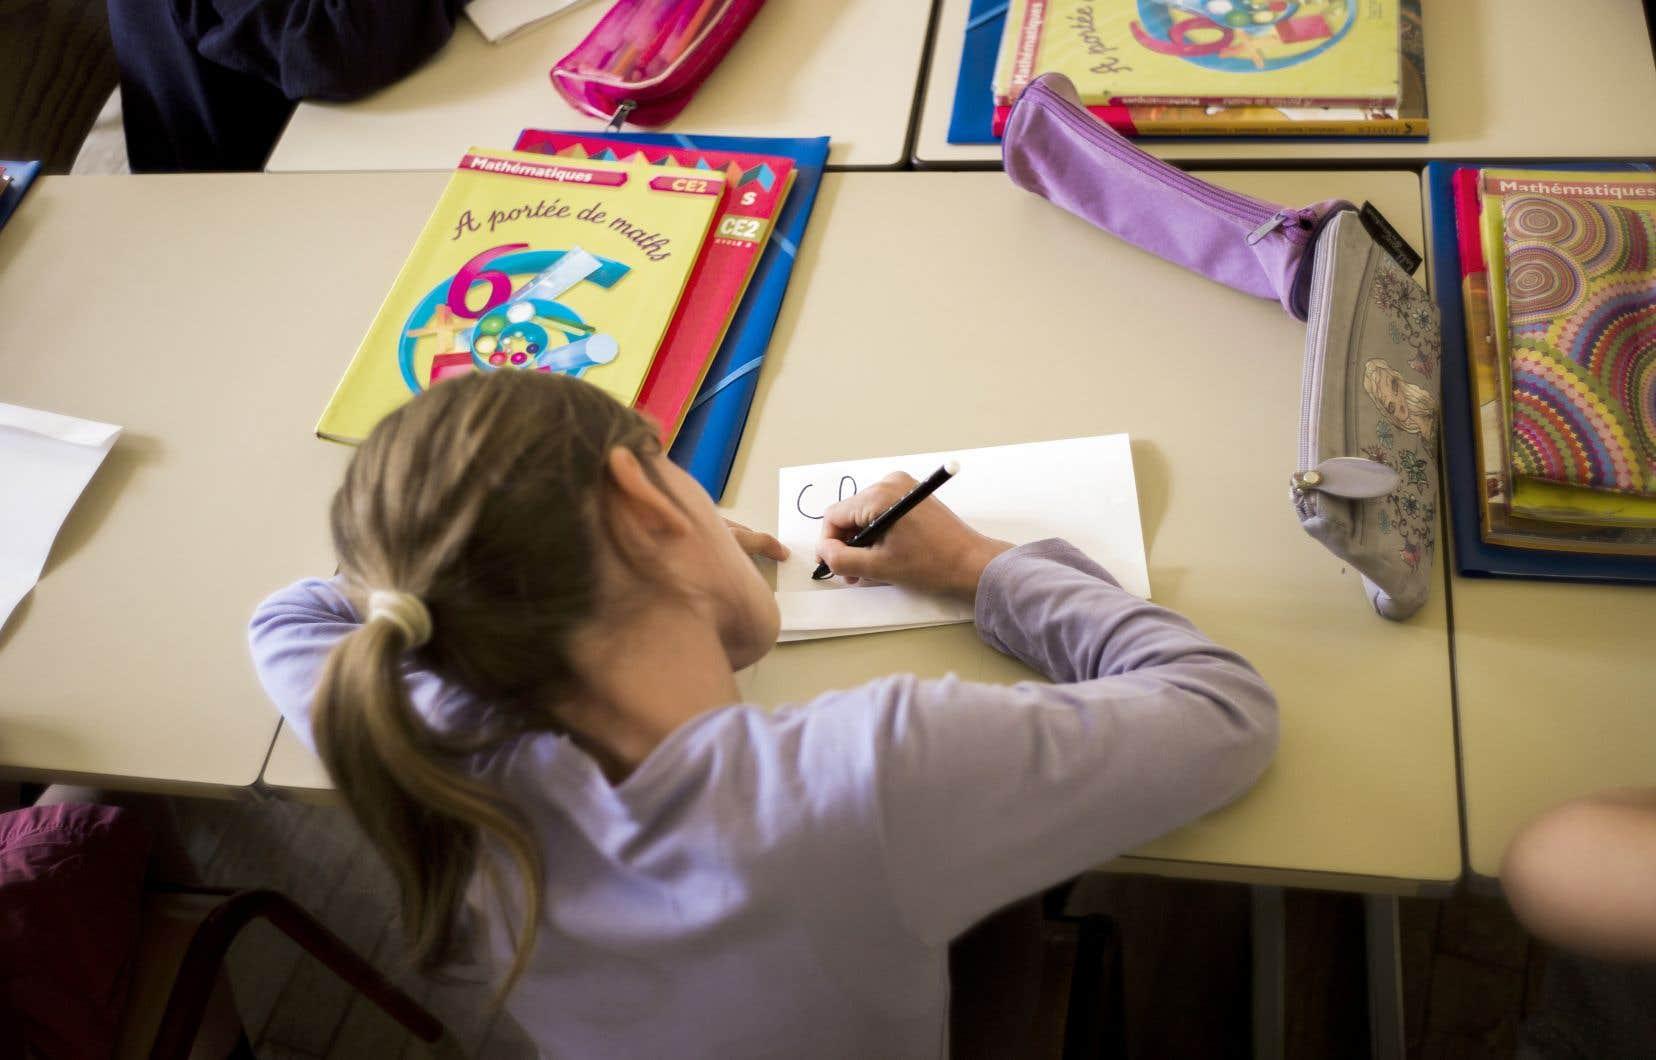 La CSDM élimine six classes pour des élèves ayant des difficultés graves d'apprentissage, mais il en restera quarante sur son territoire.